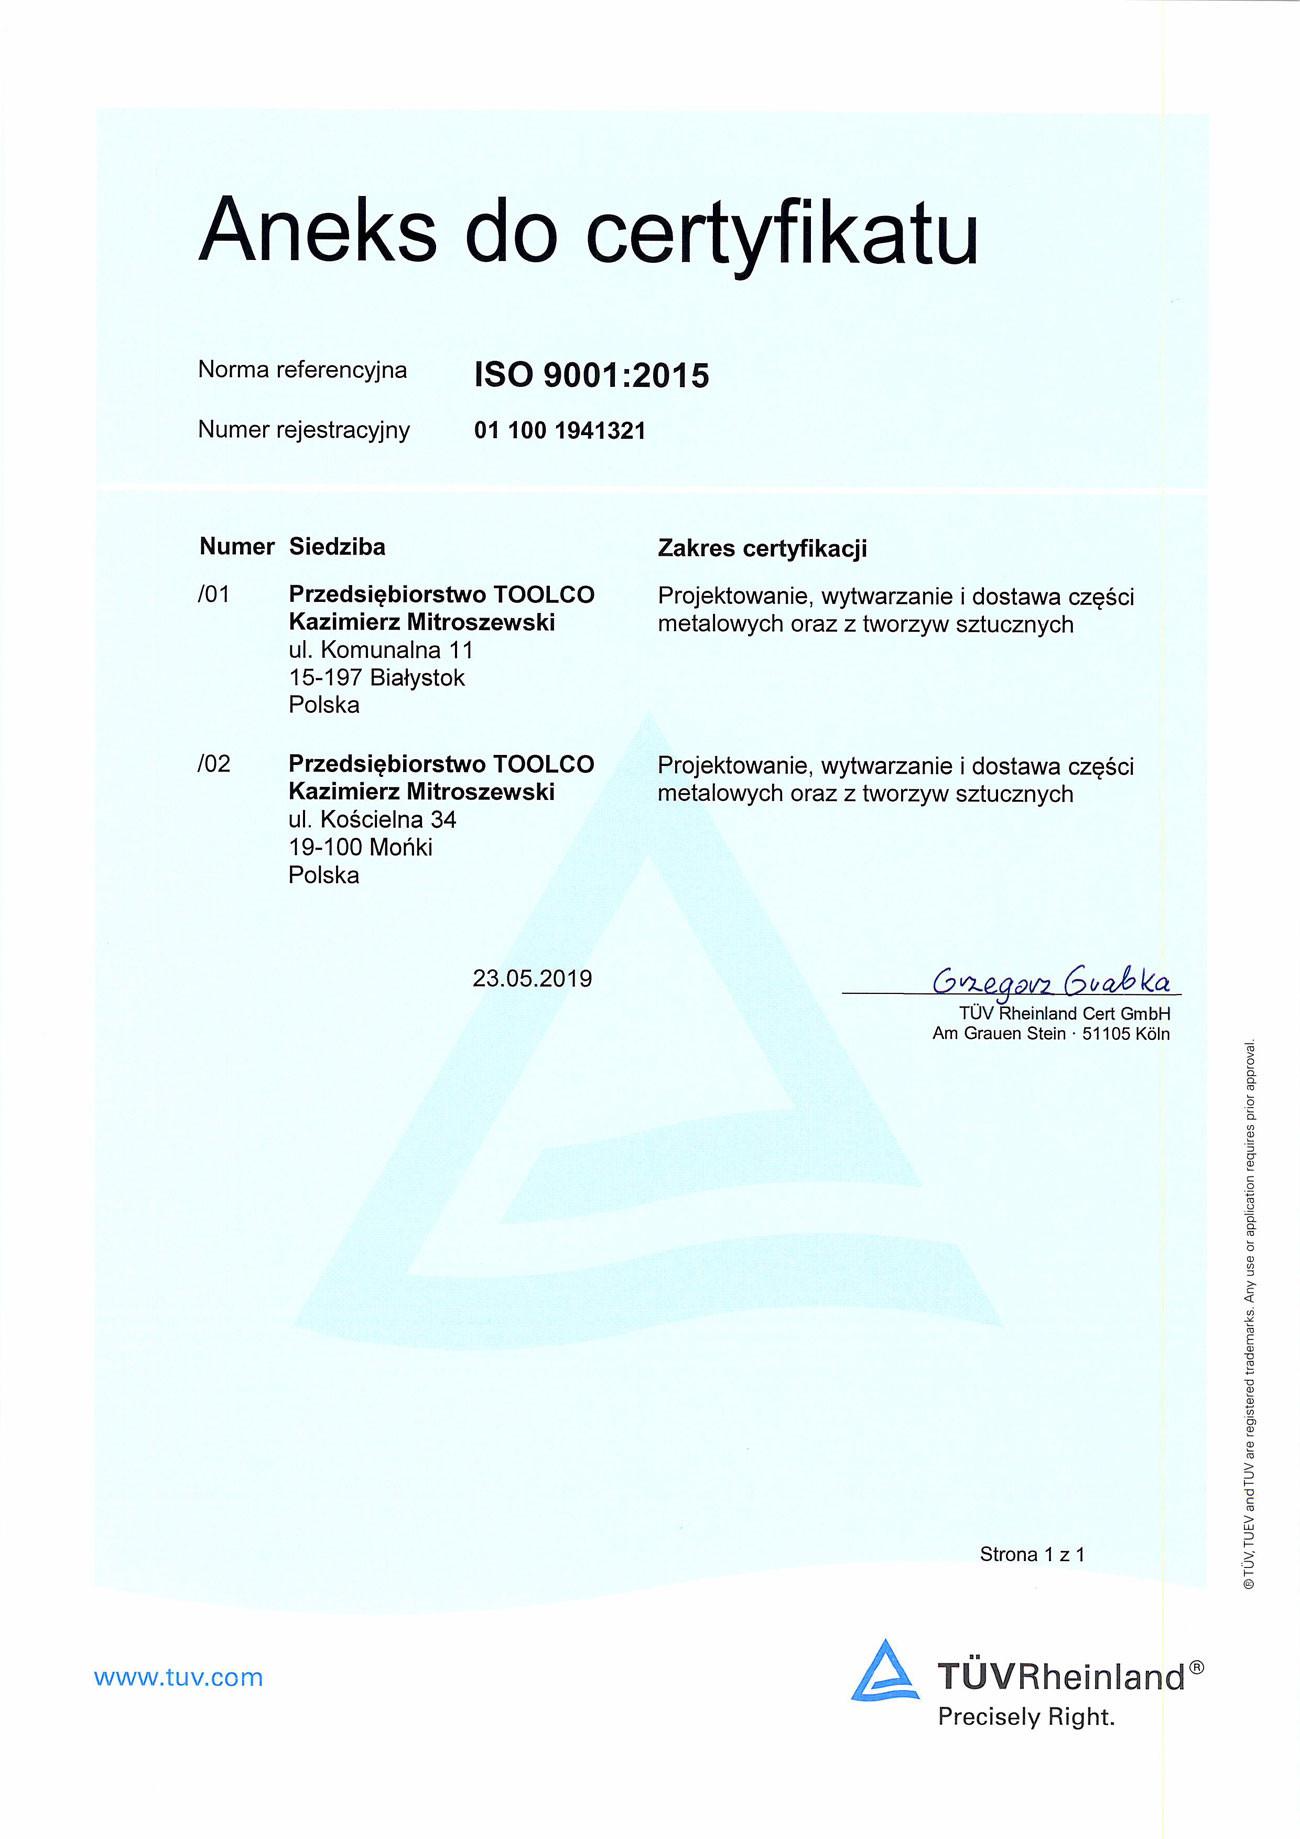 Aneks do certyfikatu ISO 9001:2015